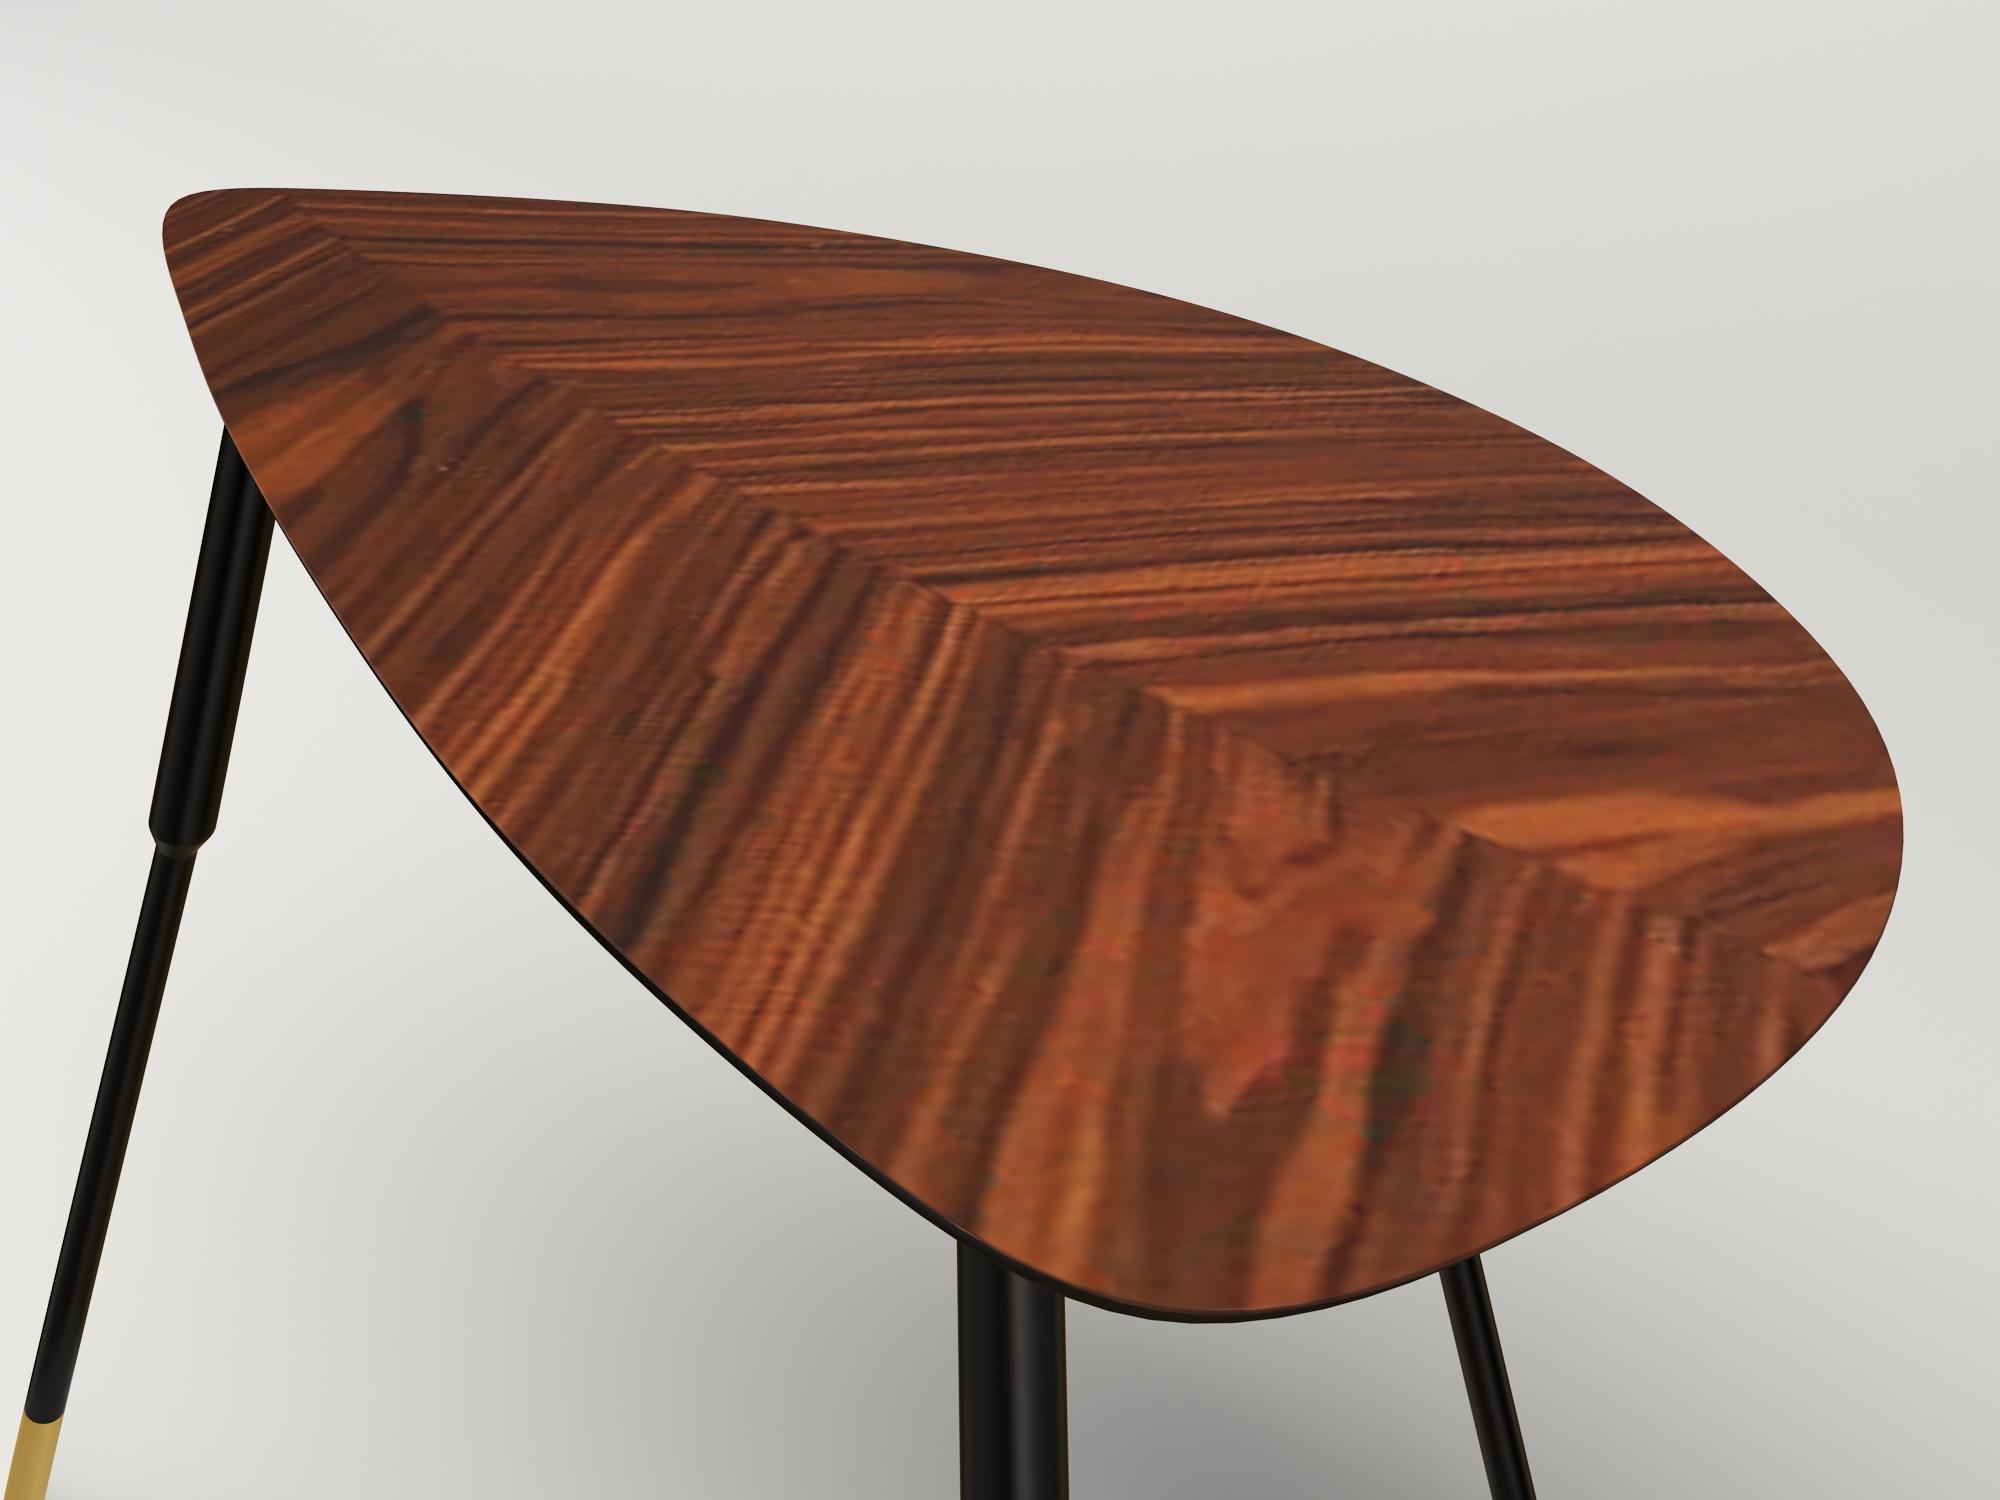 Ragnars Table_196_V4_R1.jpg